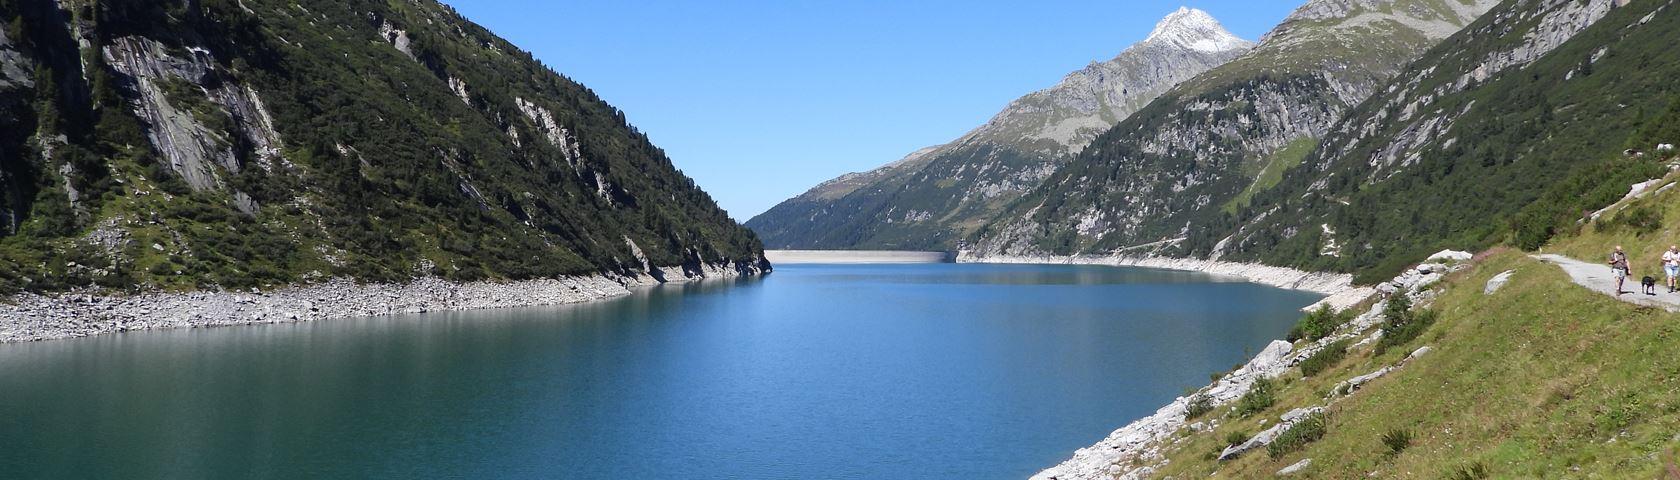 Stausee Bei Klein Tibet in Austria